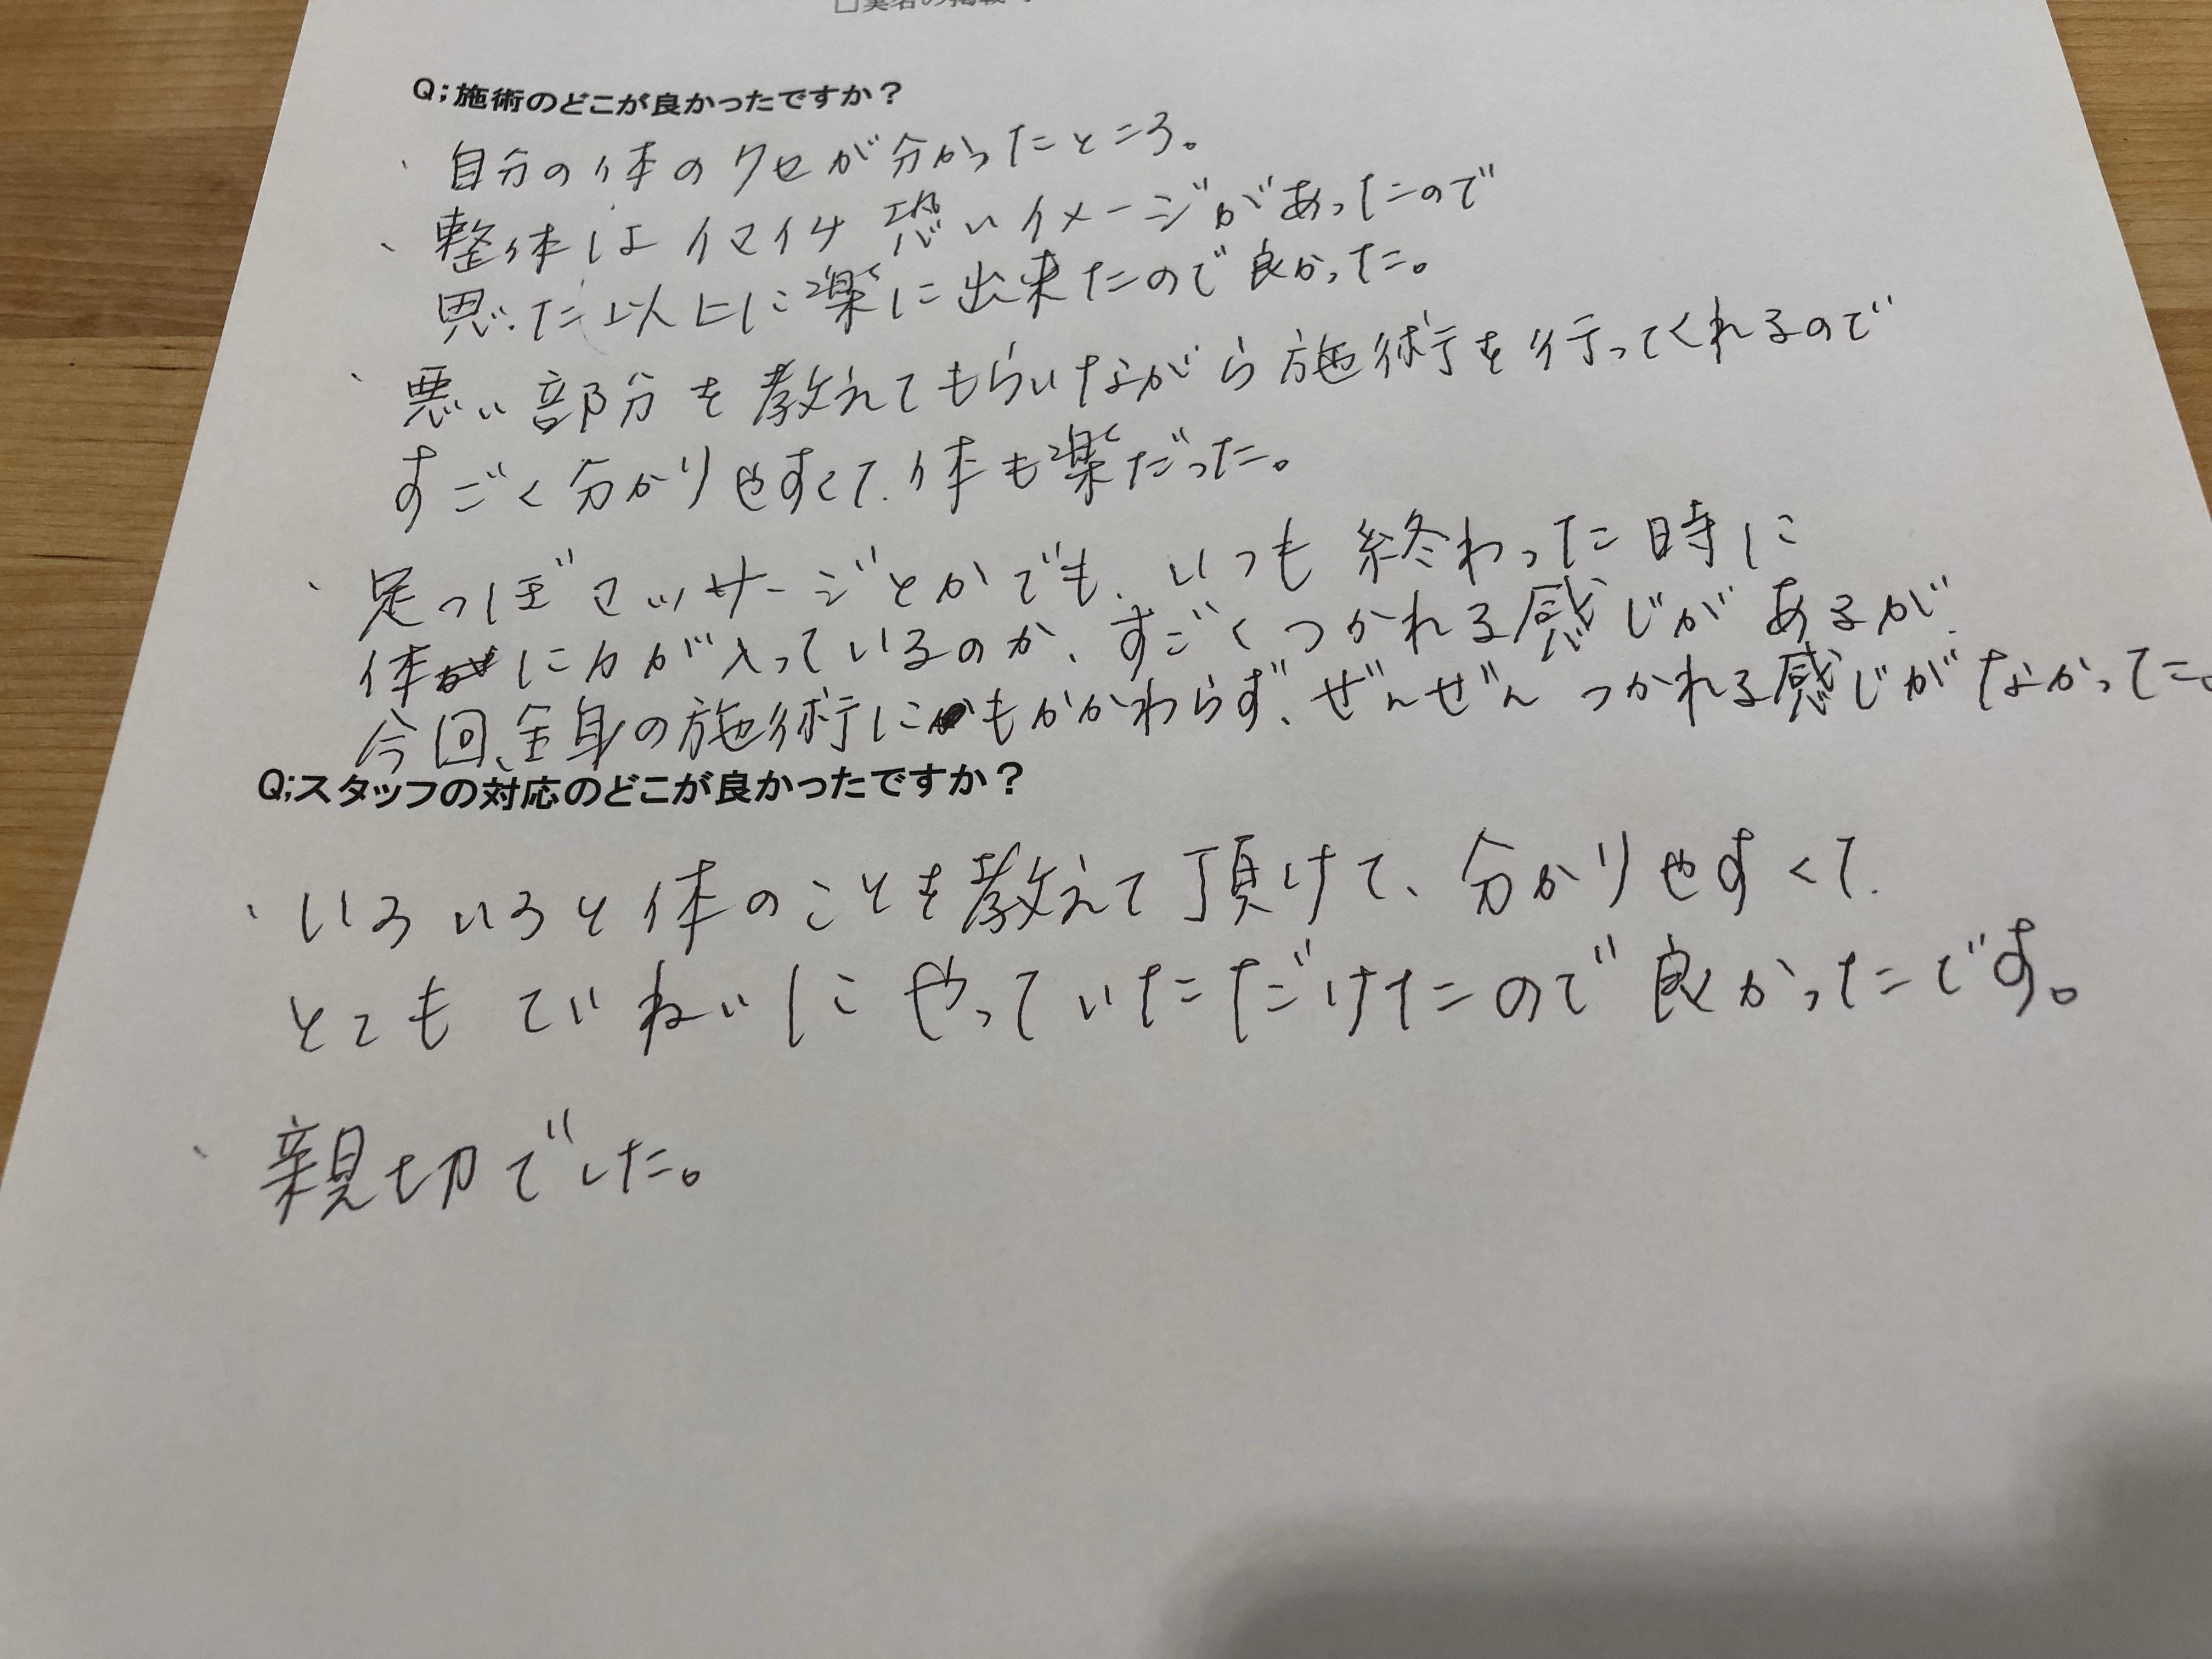 お客様の声【9/21掲載分】